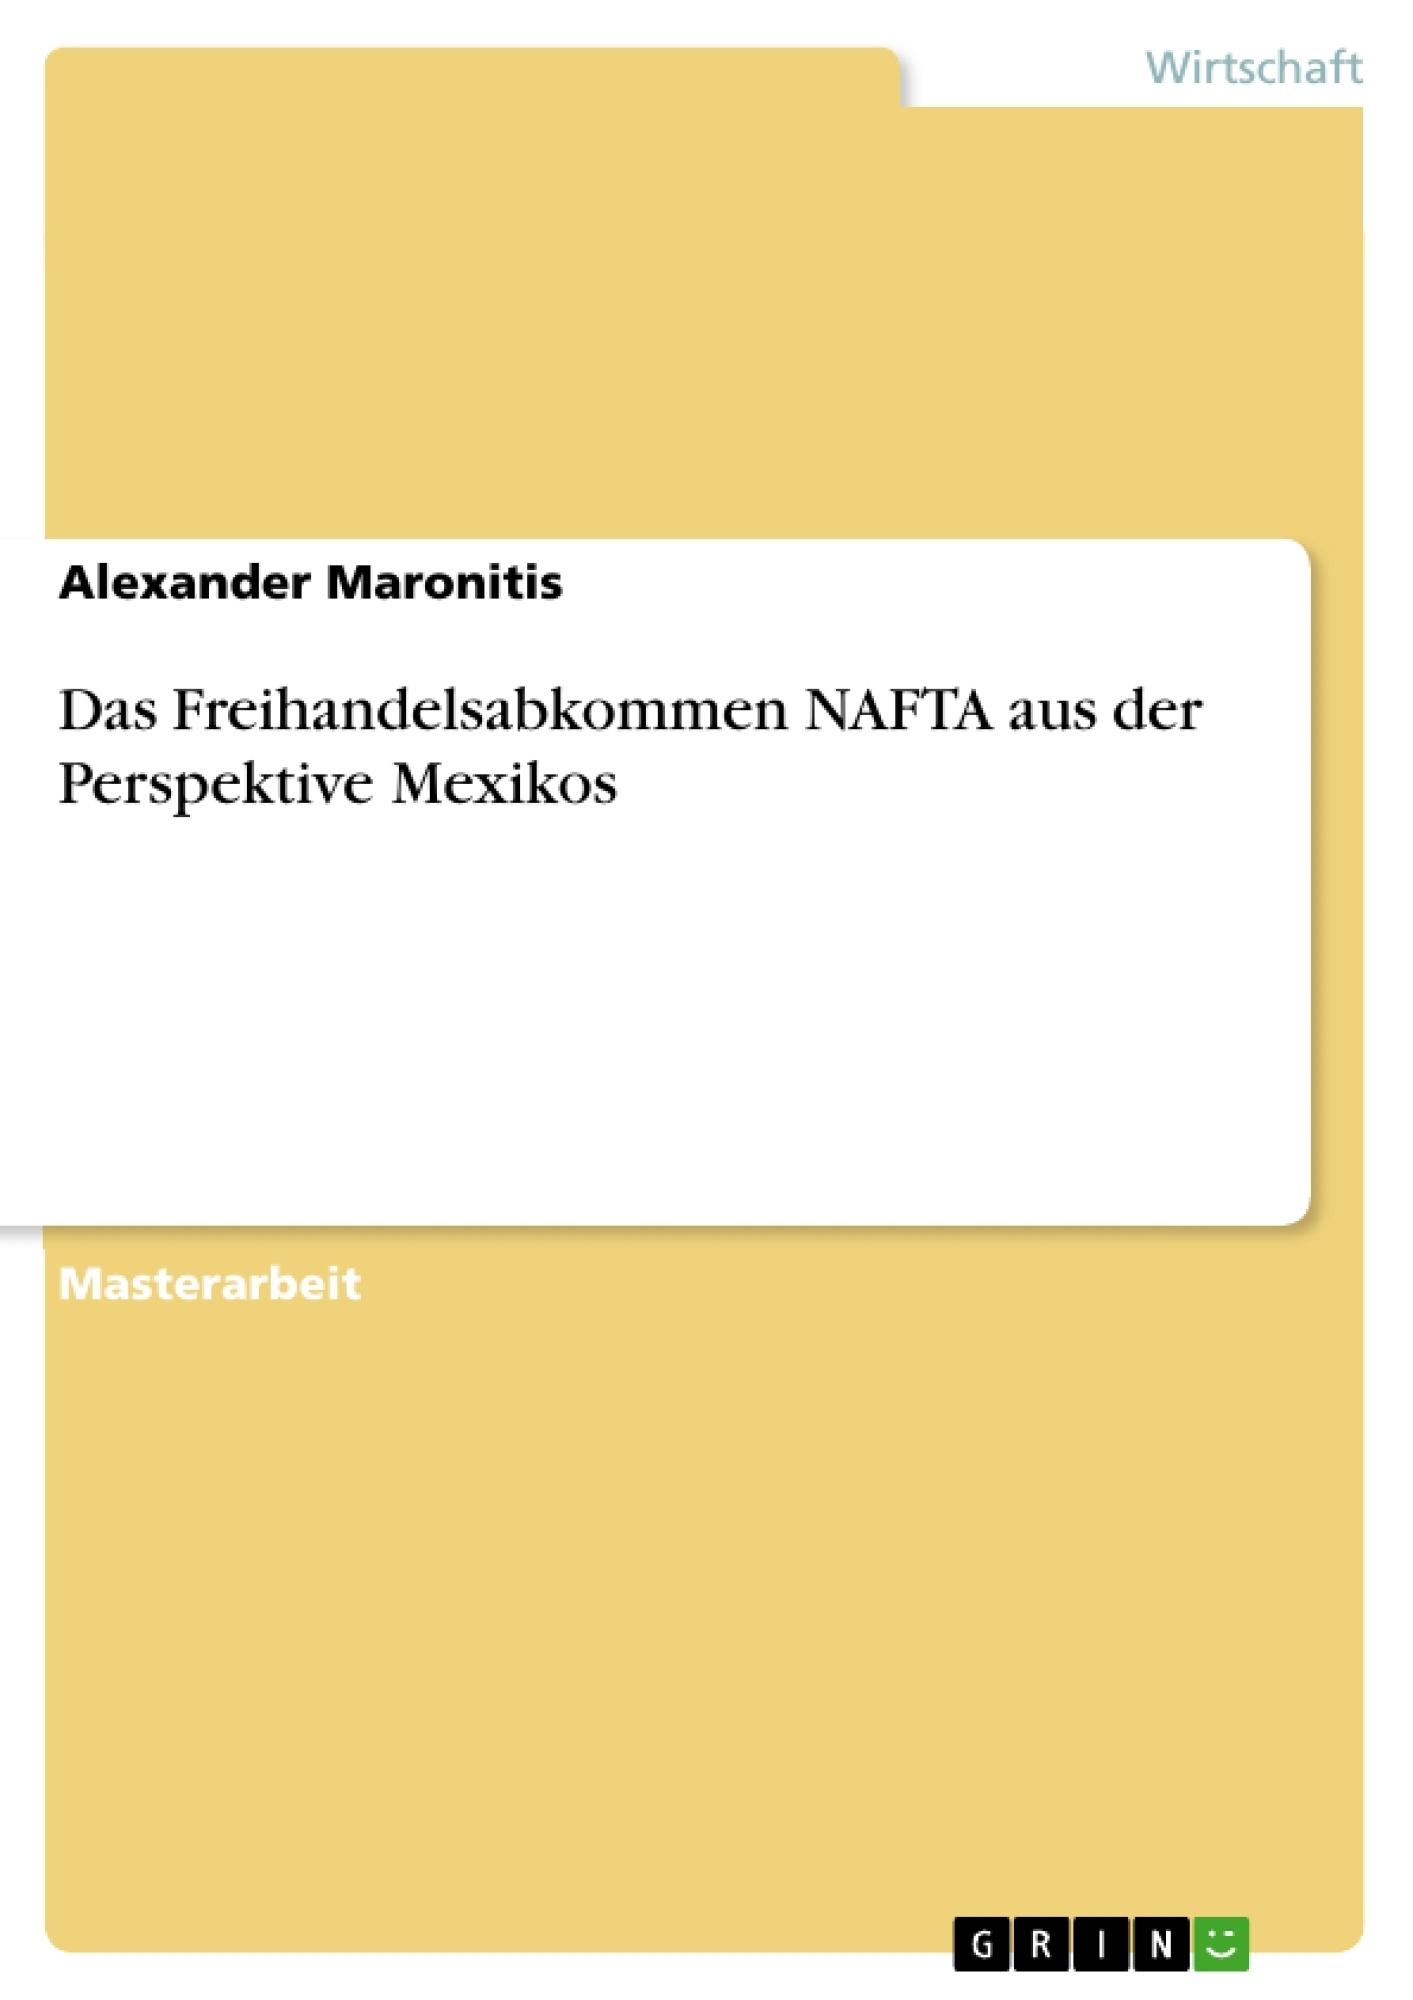 Titel: Das Freihandelsabkommen NAFTA aus der Perspektive Mexikos